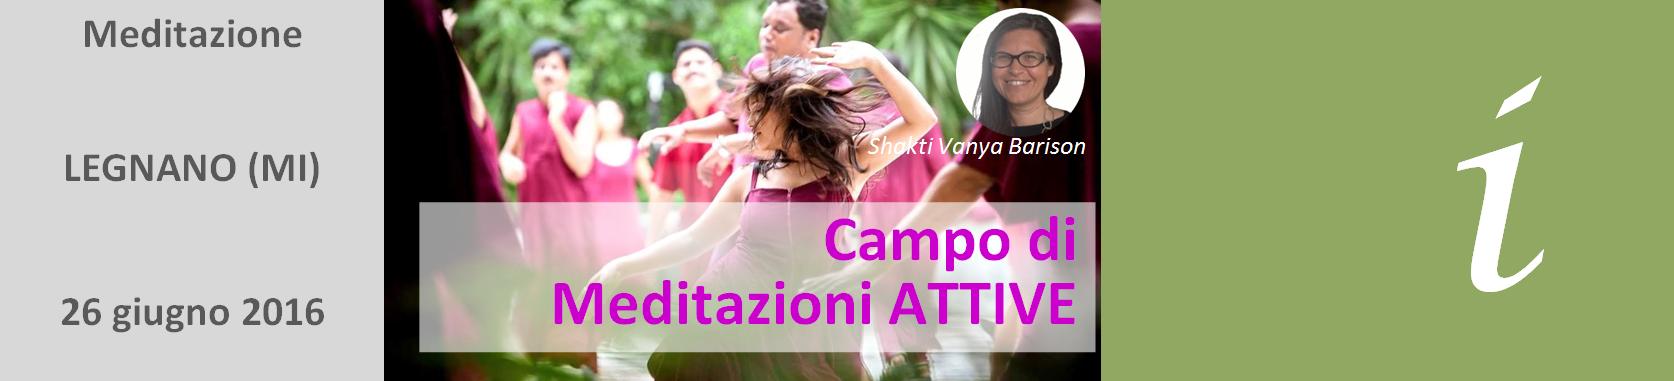 banner_campo-meditazioni-attive-giugno-alessandra-barison